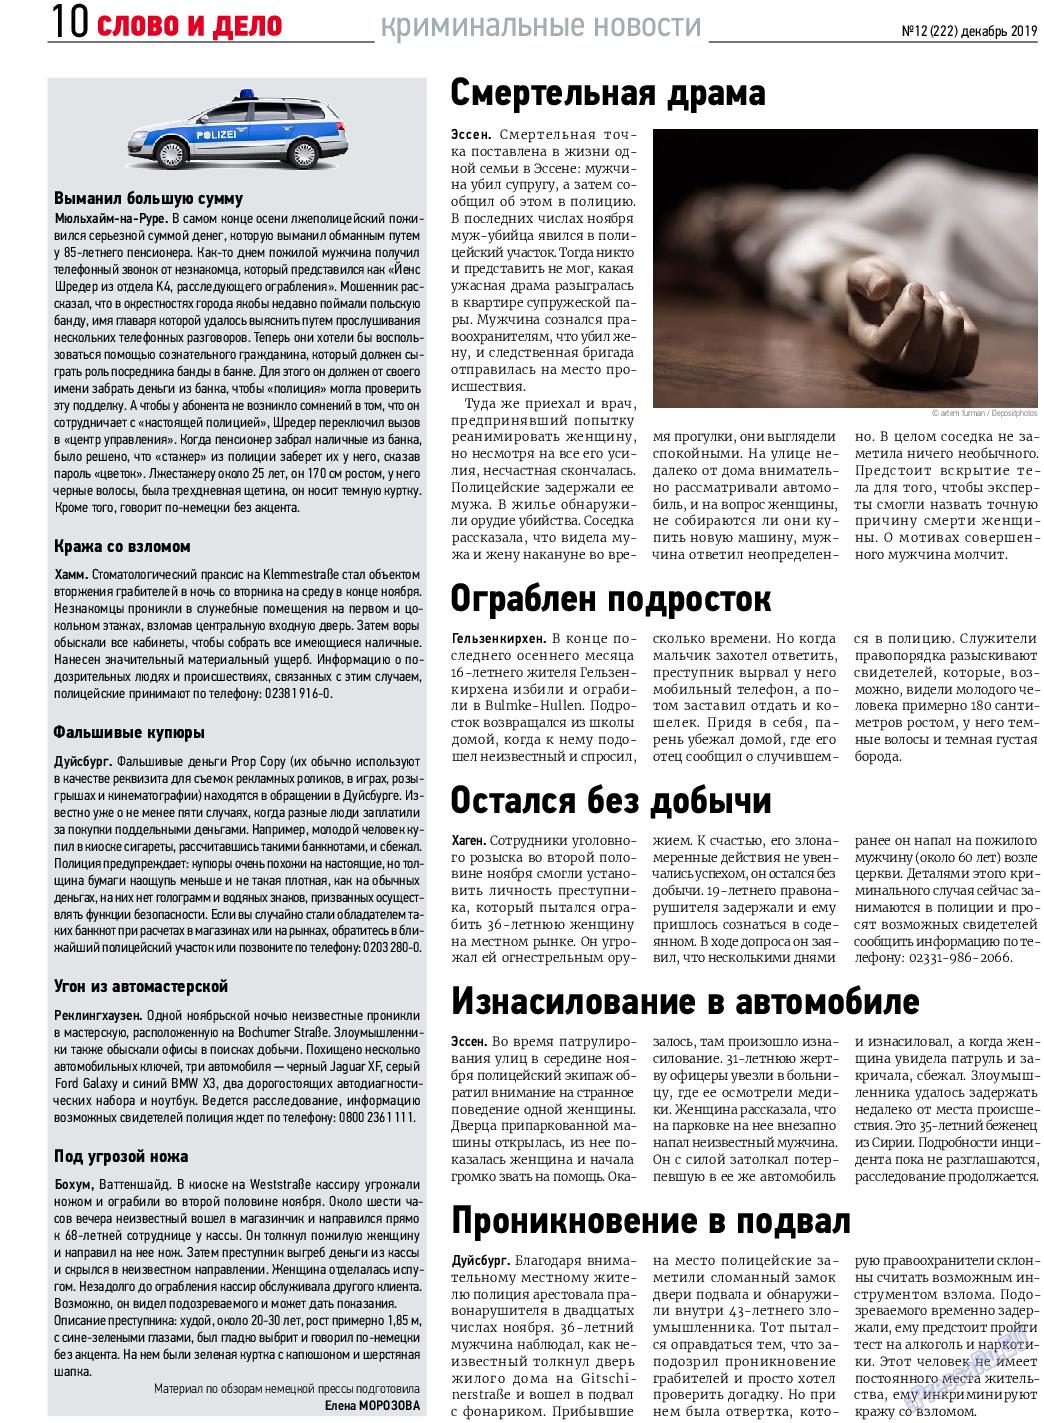 Слово и дело (газета). 2019 год, номер 12, стр. 10